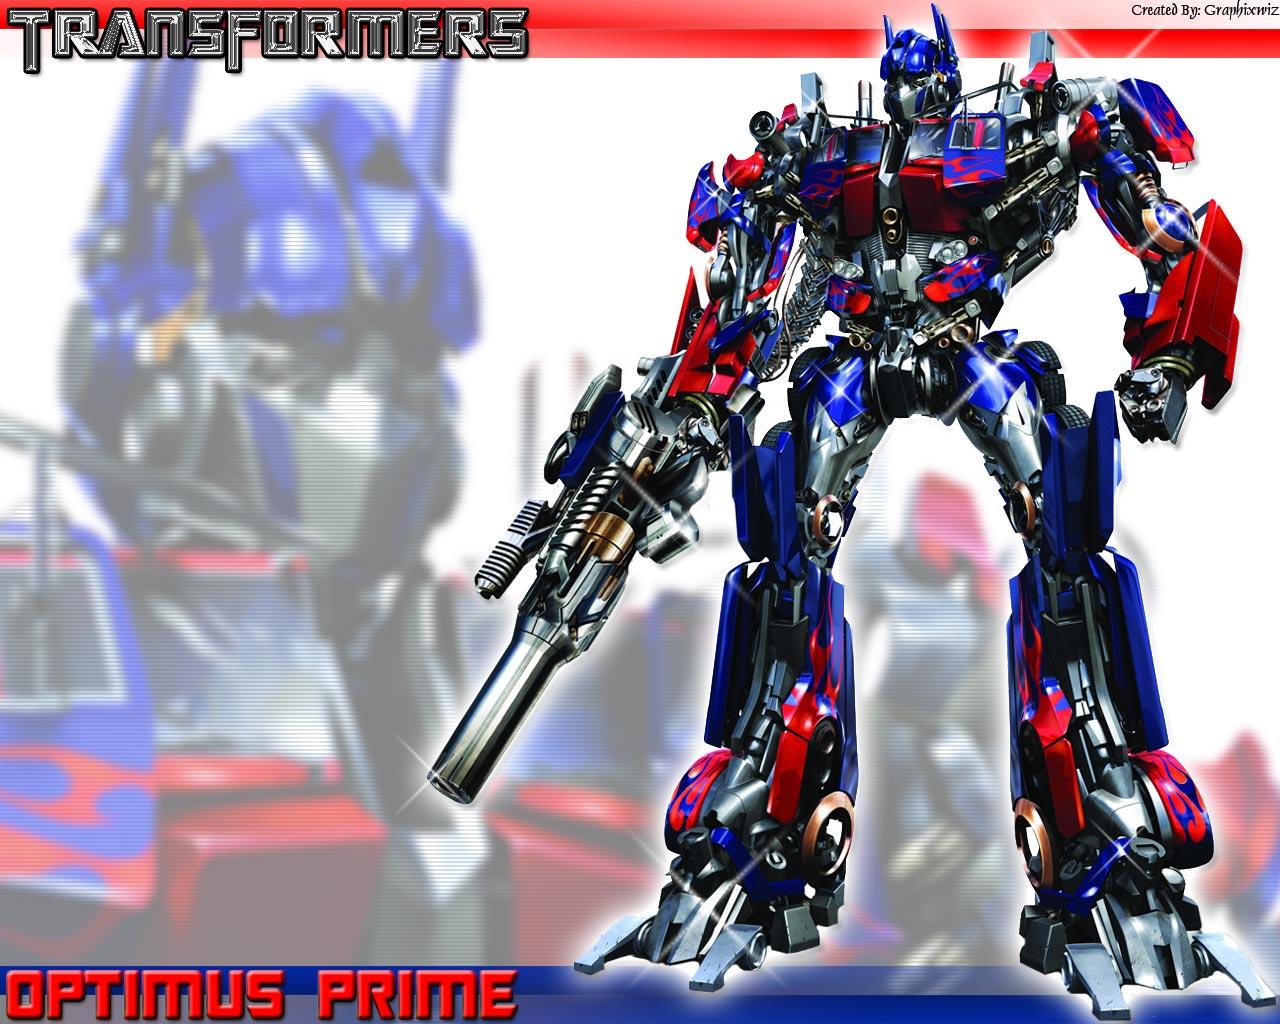 1280x1024px transformers 2 optimus prime wallpaper - wallpapersafari